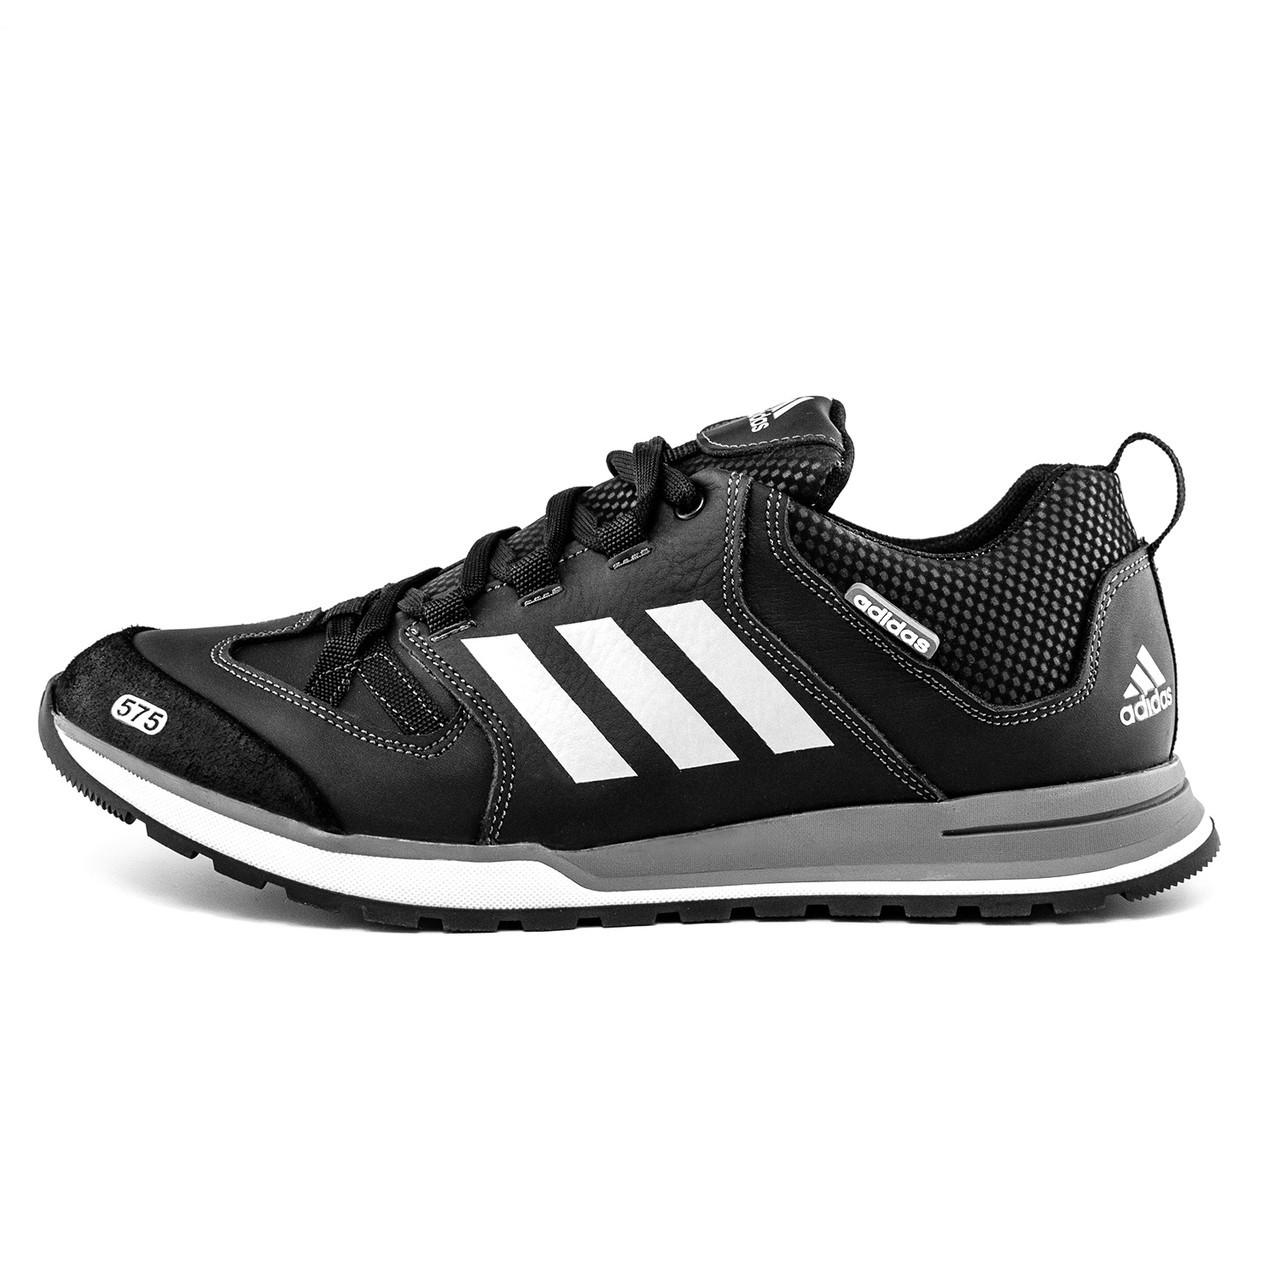 Чоловічі шкіряні кросівки Adidas 575 Perfomance